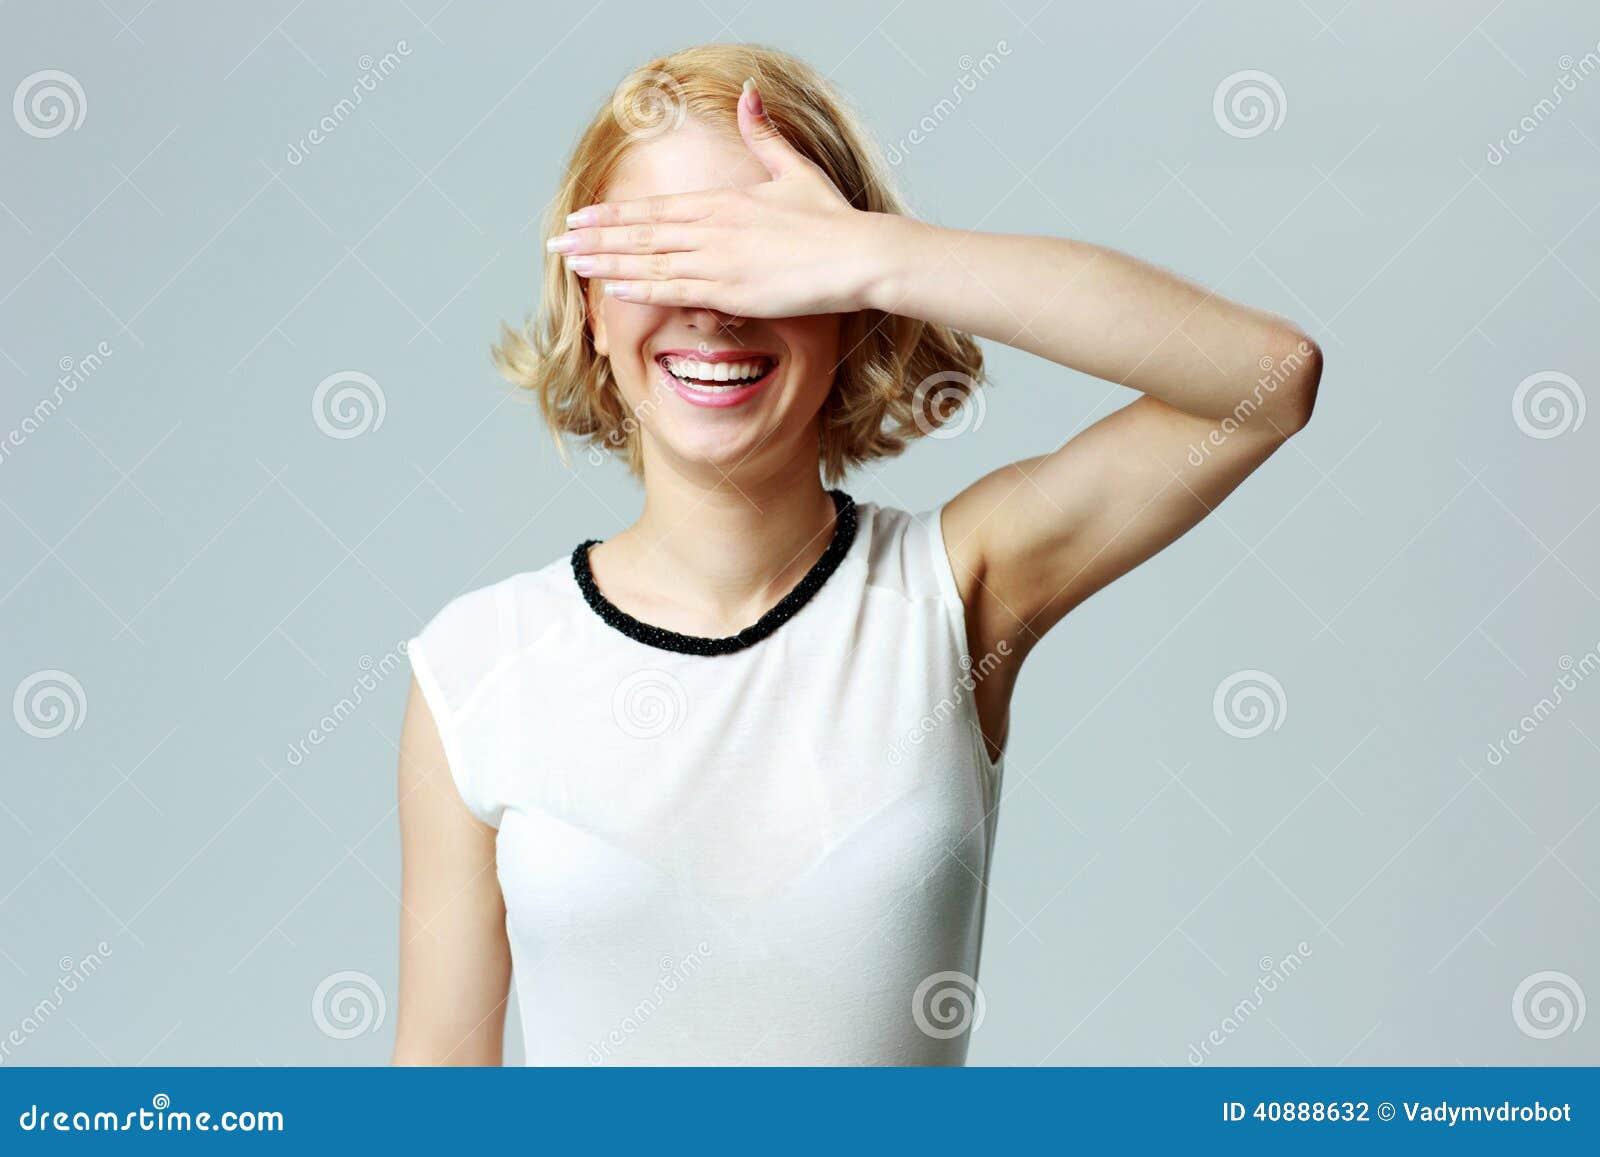 闭上�9�/9/h9�9��o^�_闭上她的眼睛与的一名笑的妇女的画象移交灰色背景.